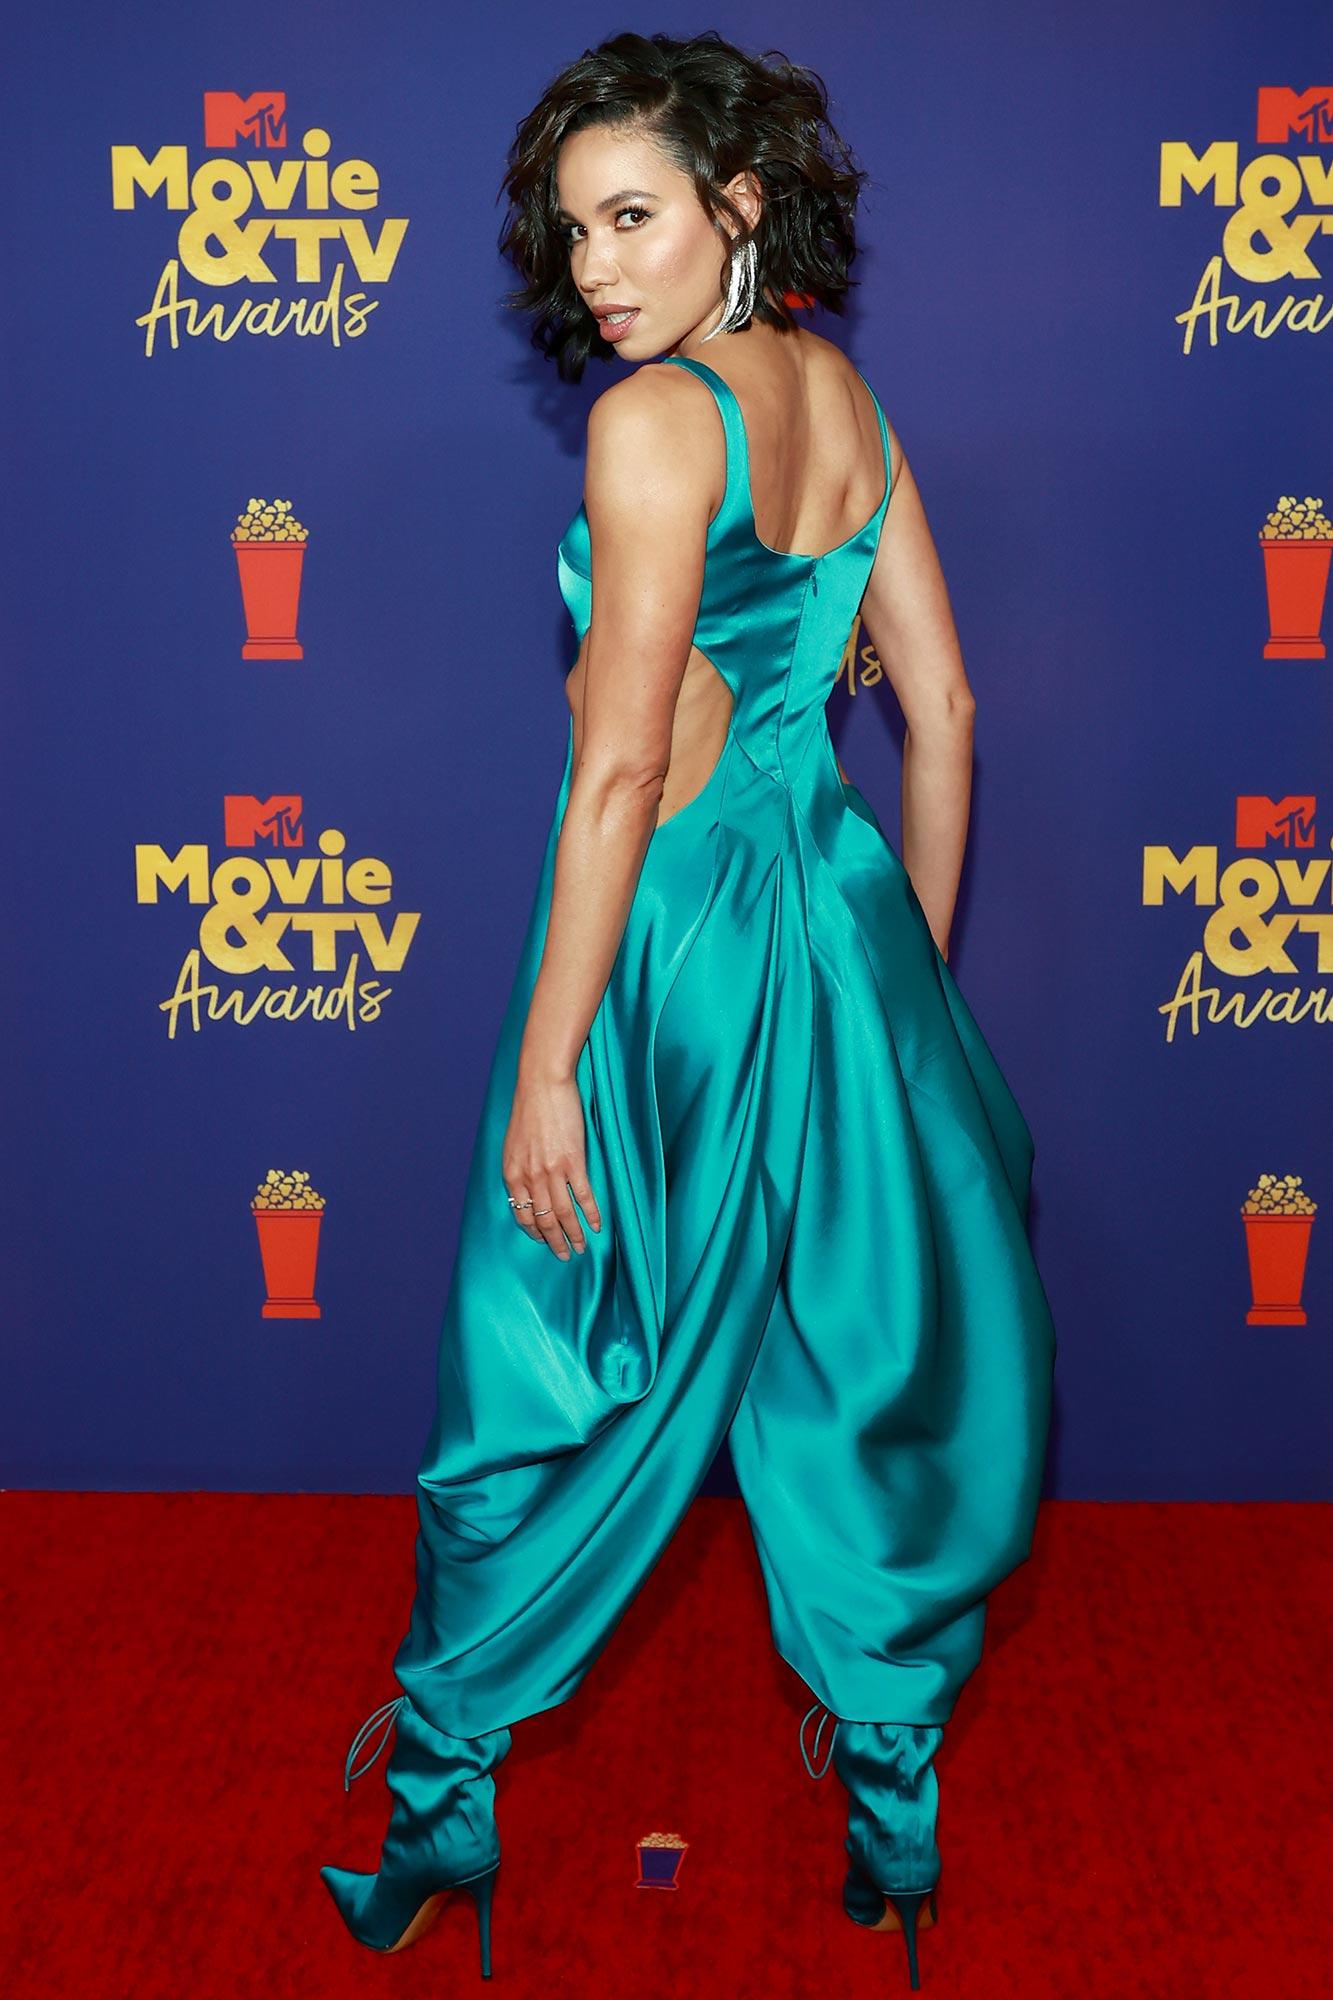 MTV Movie & TV Awards Jurnee Smollett